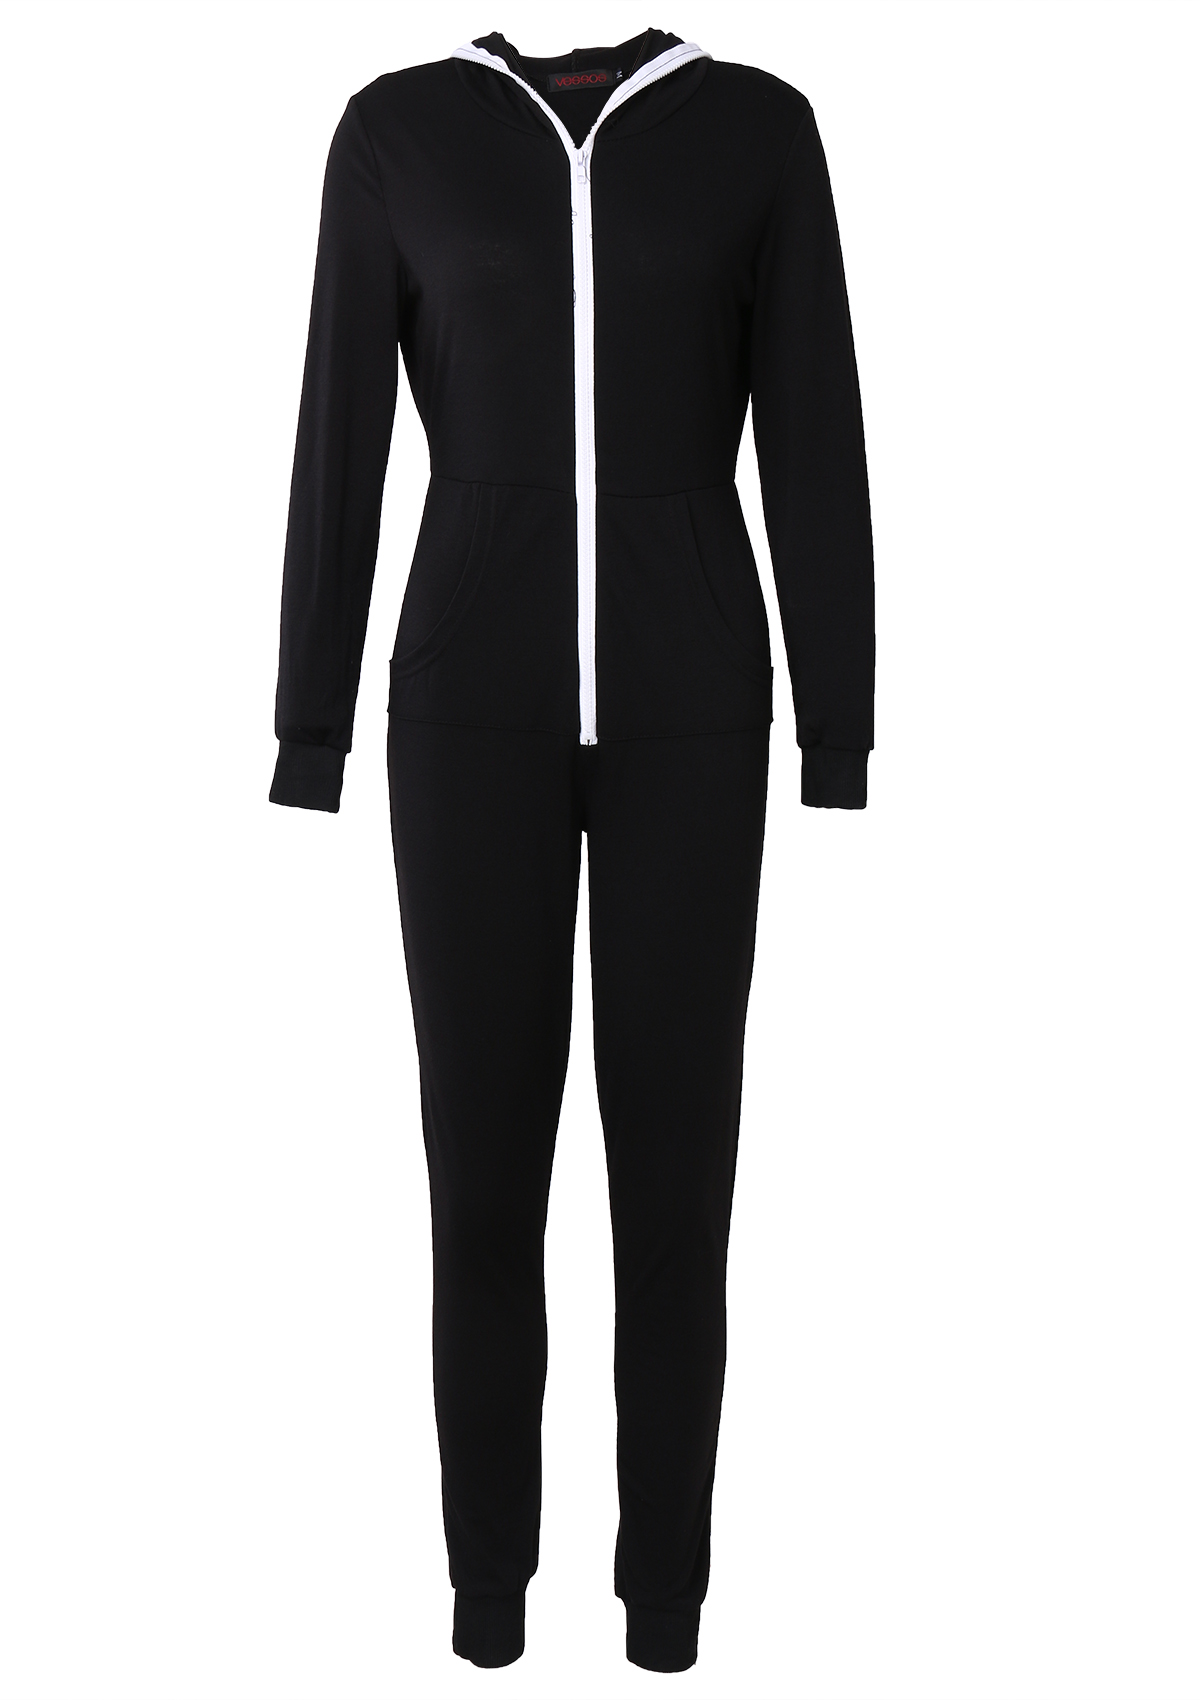 Women Casual Suit Bodysuit Long Sleeve Zipper Hooded ...